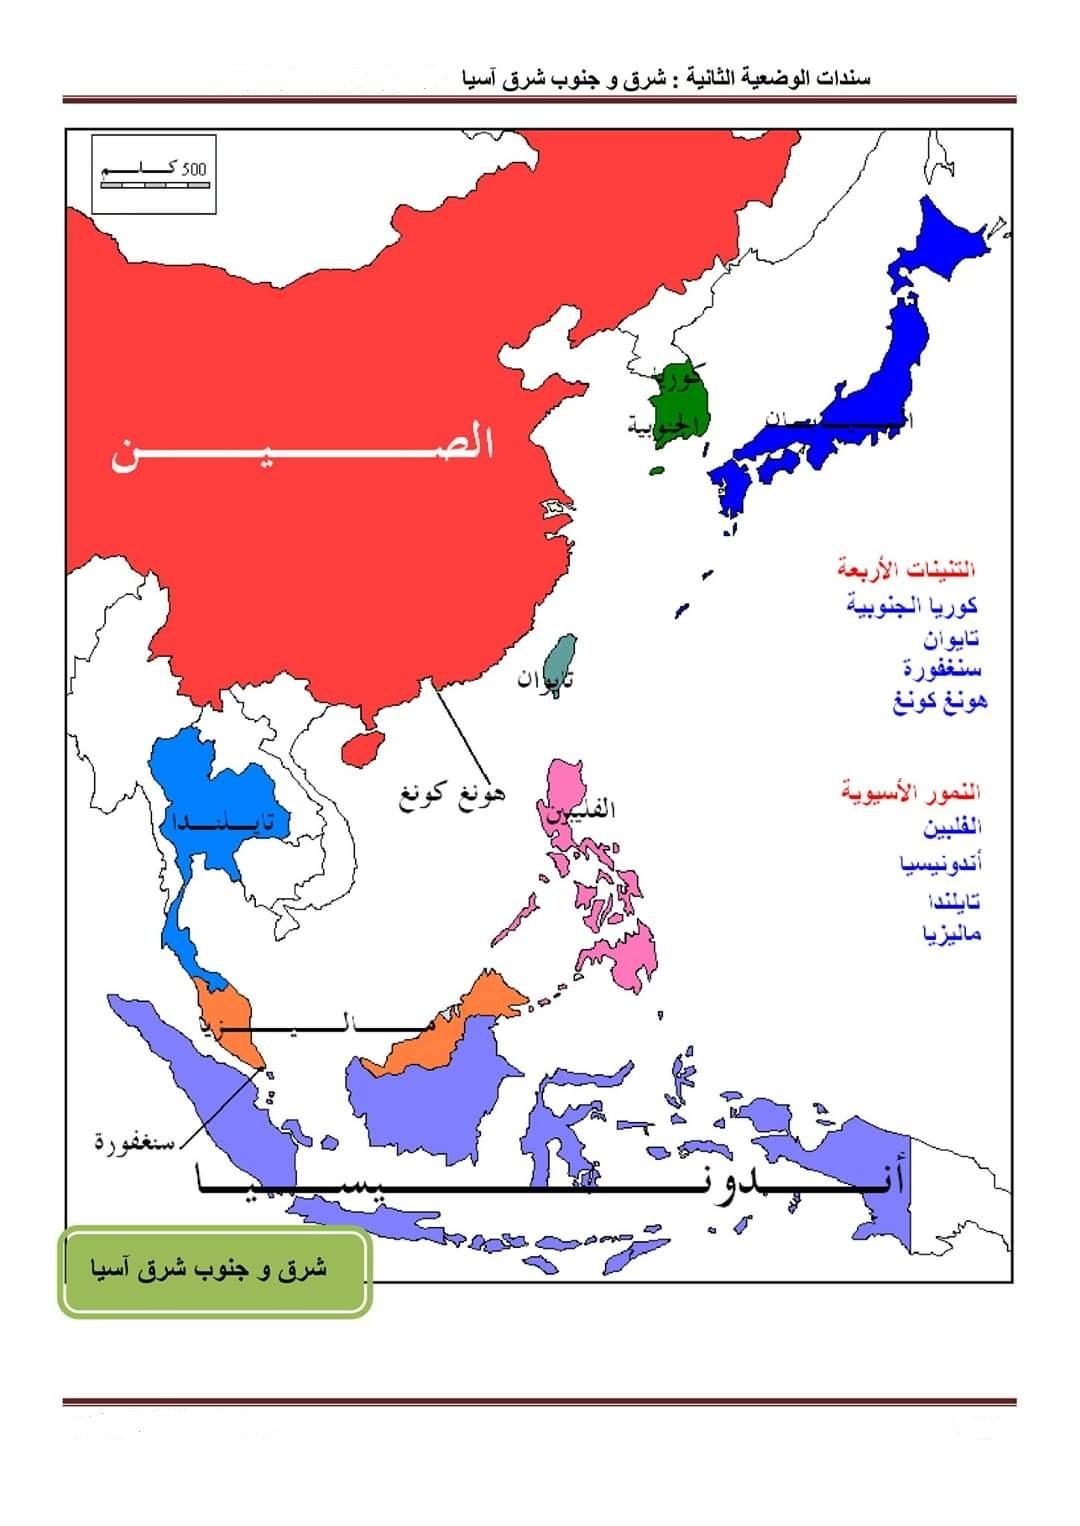 خريطة شرق و جنوب شرق آسيا تعيين النمور و التنينات الصين و اليابان